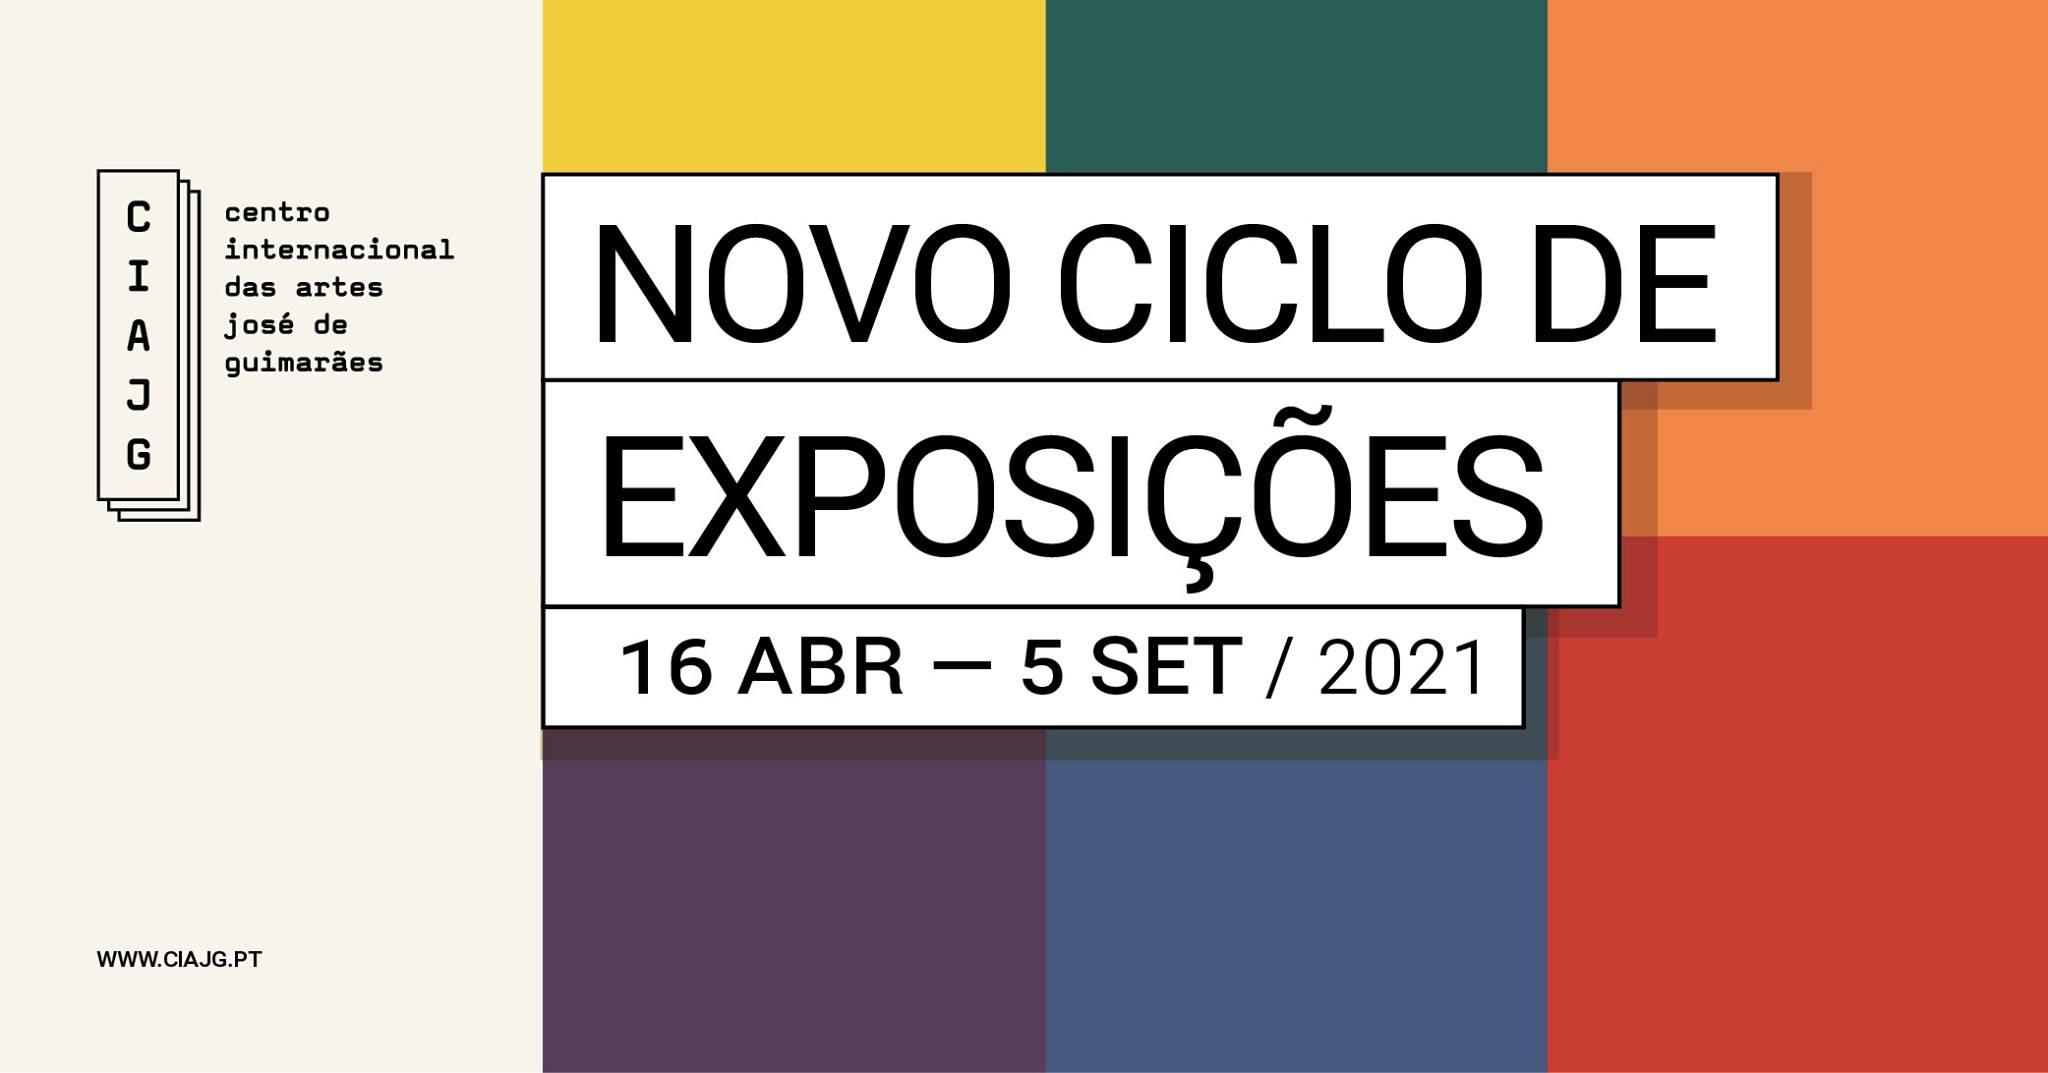 Novo Ciclo de Exposições do CIAJG